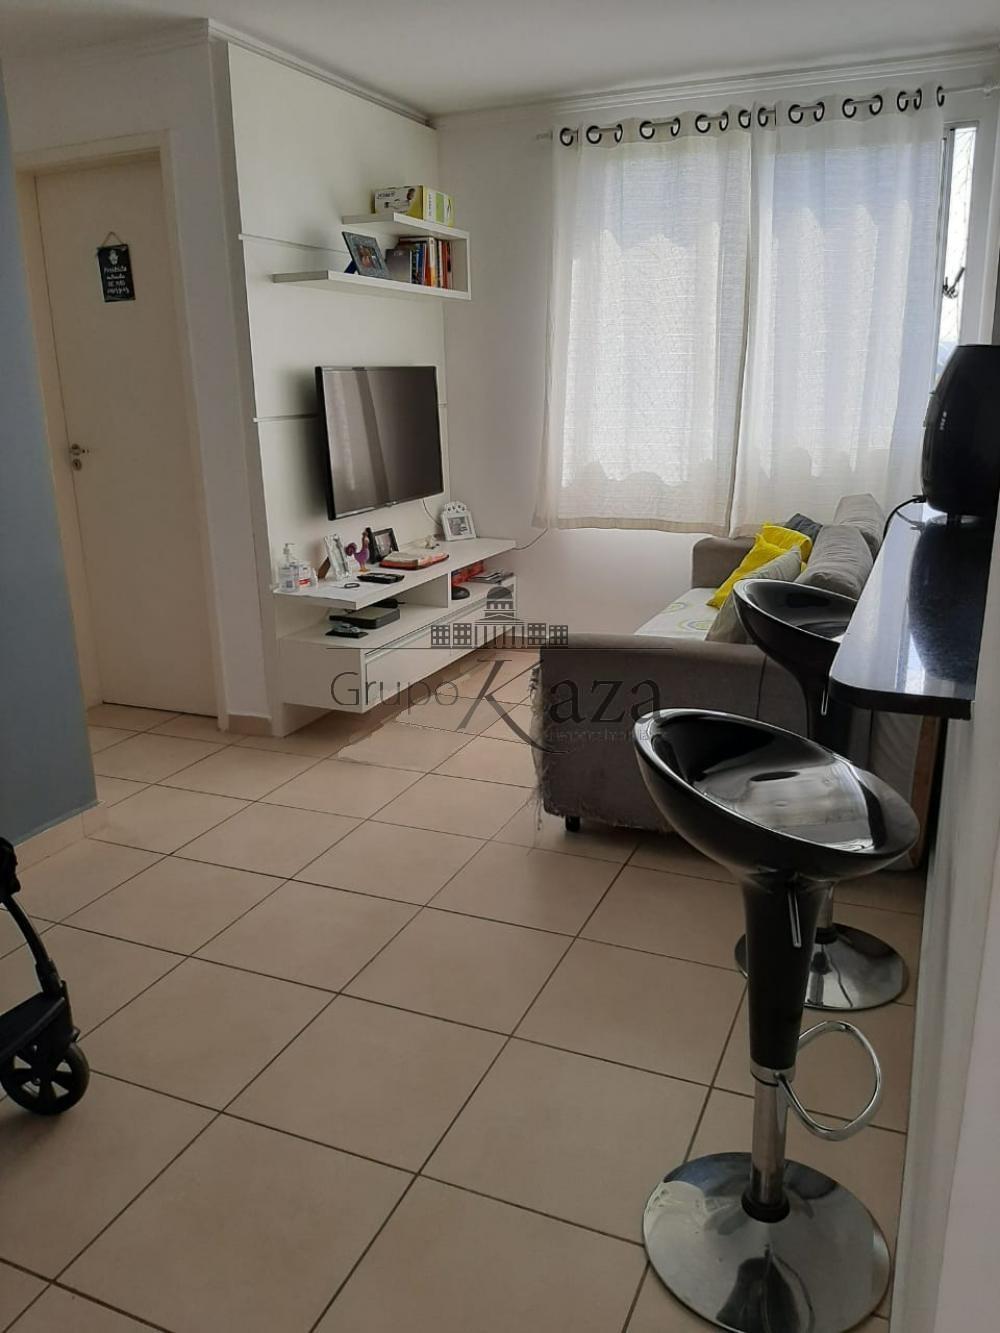 Alugar Apartamento / Padrão em São José dos Campos R$ 1.350,00 - Foto 4